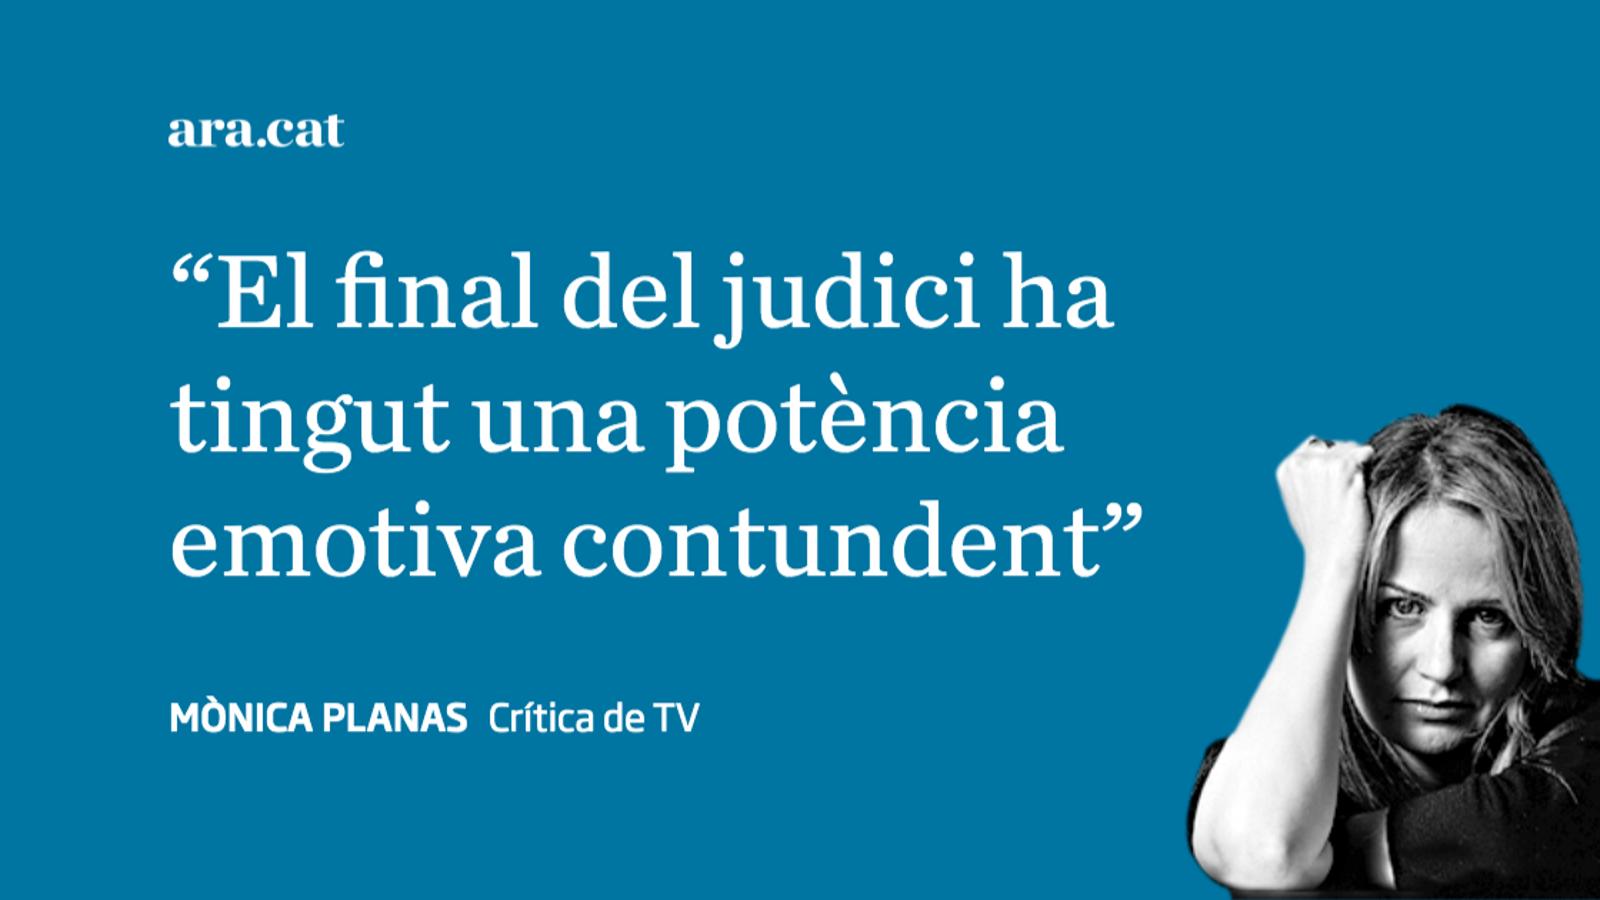 Les llàgrimes de Jordi Pina